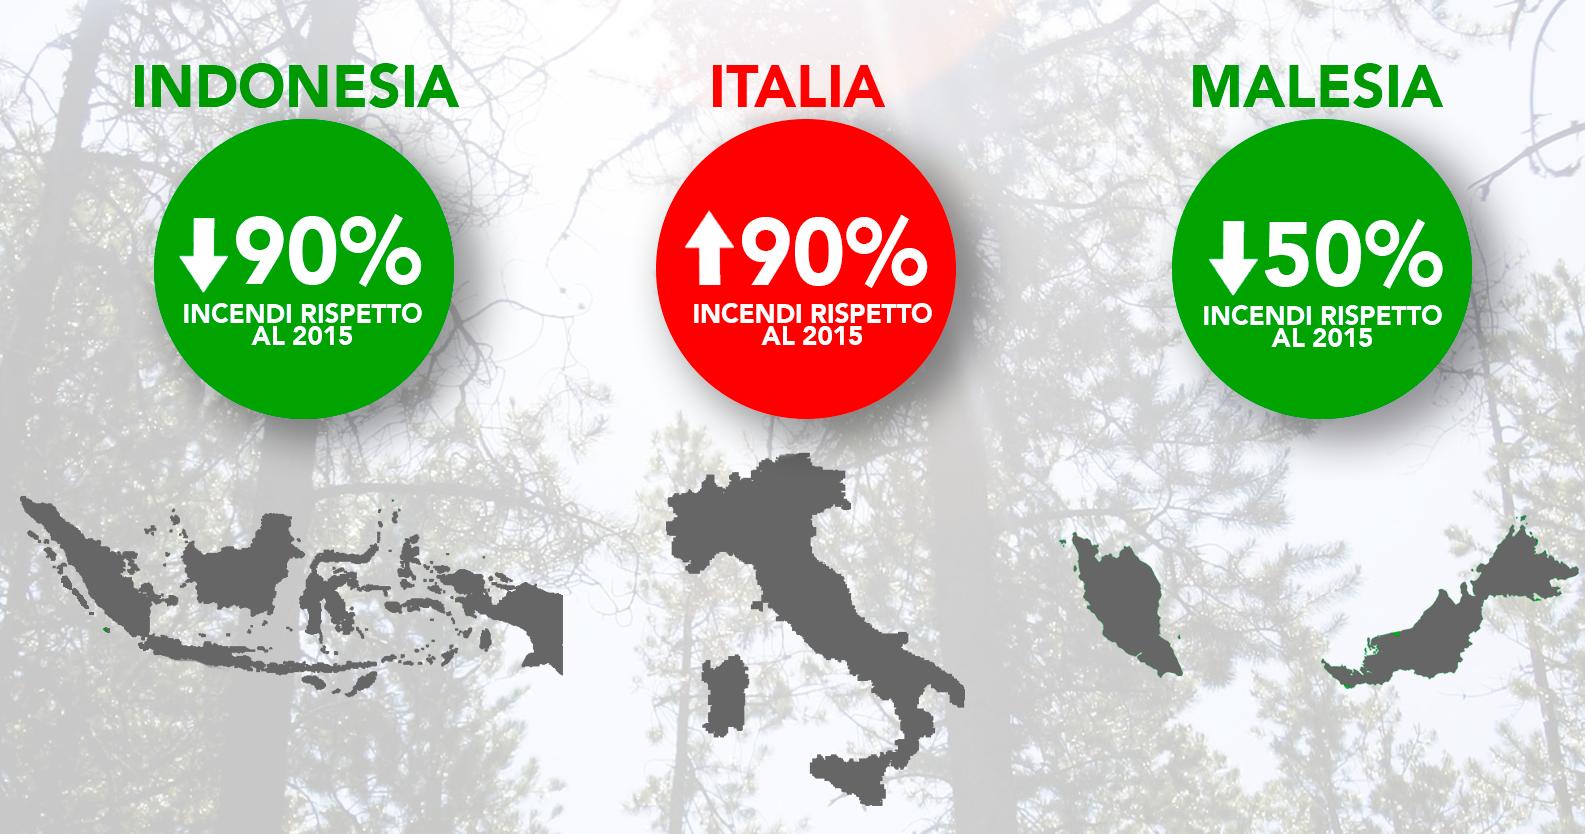 Dove ci sono più incendi? Confronto fra Italia, Indonesia e Malesia